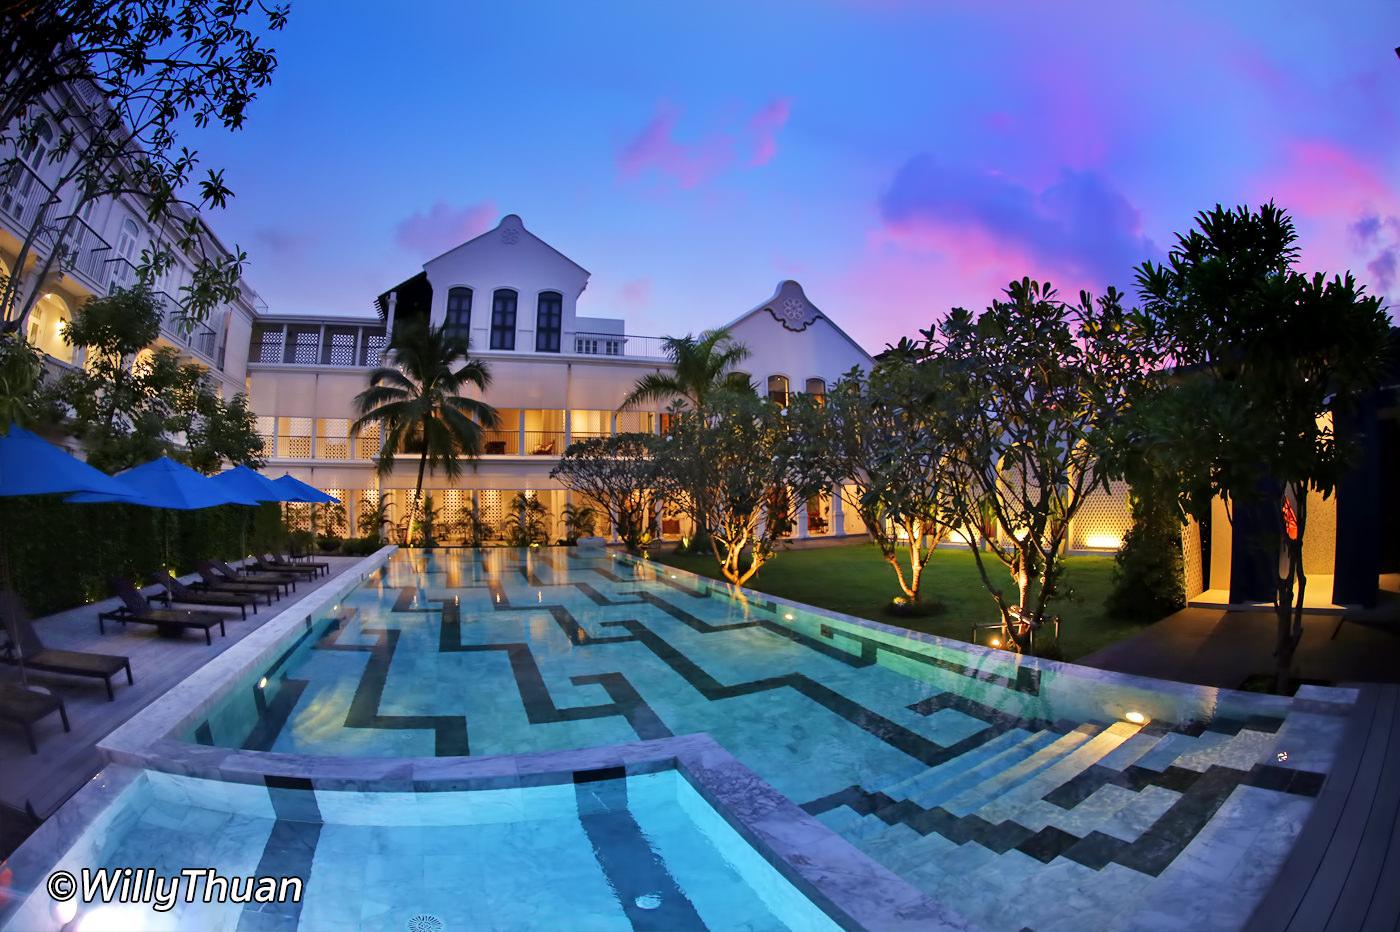 Little nyonya hotel in phuket town phuket 101 for Little hotels